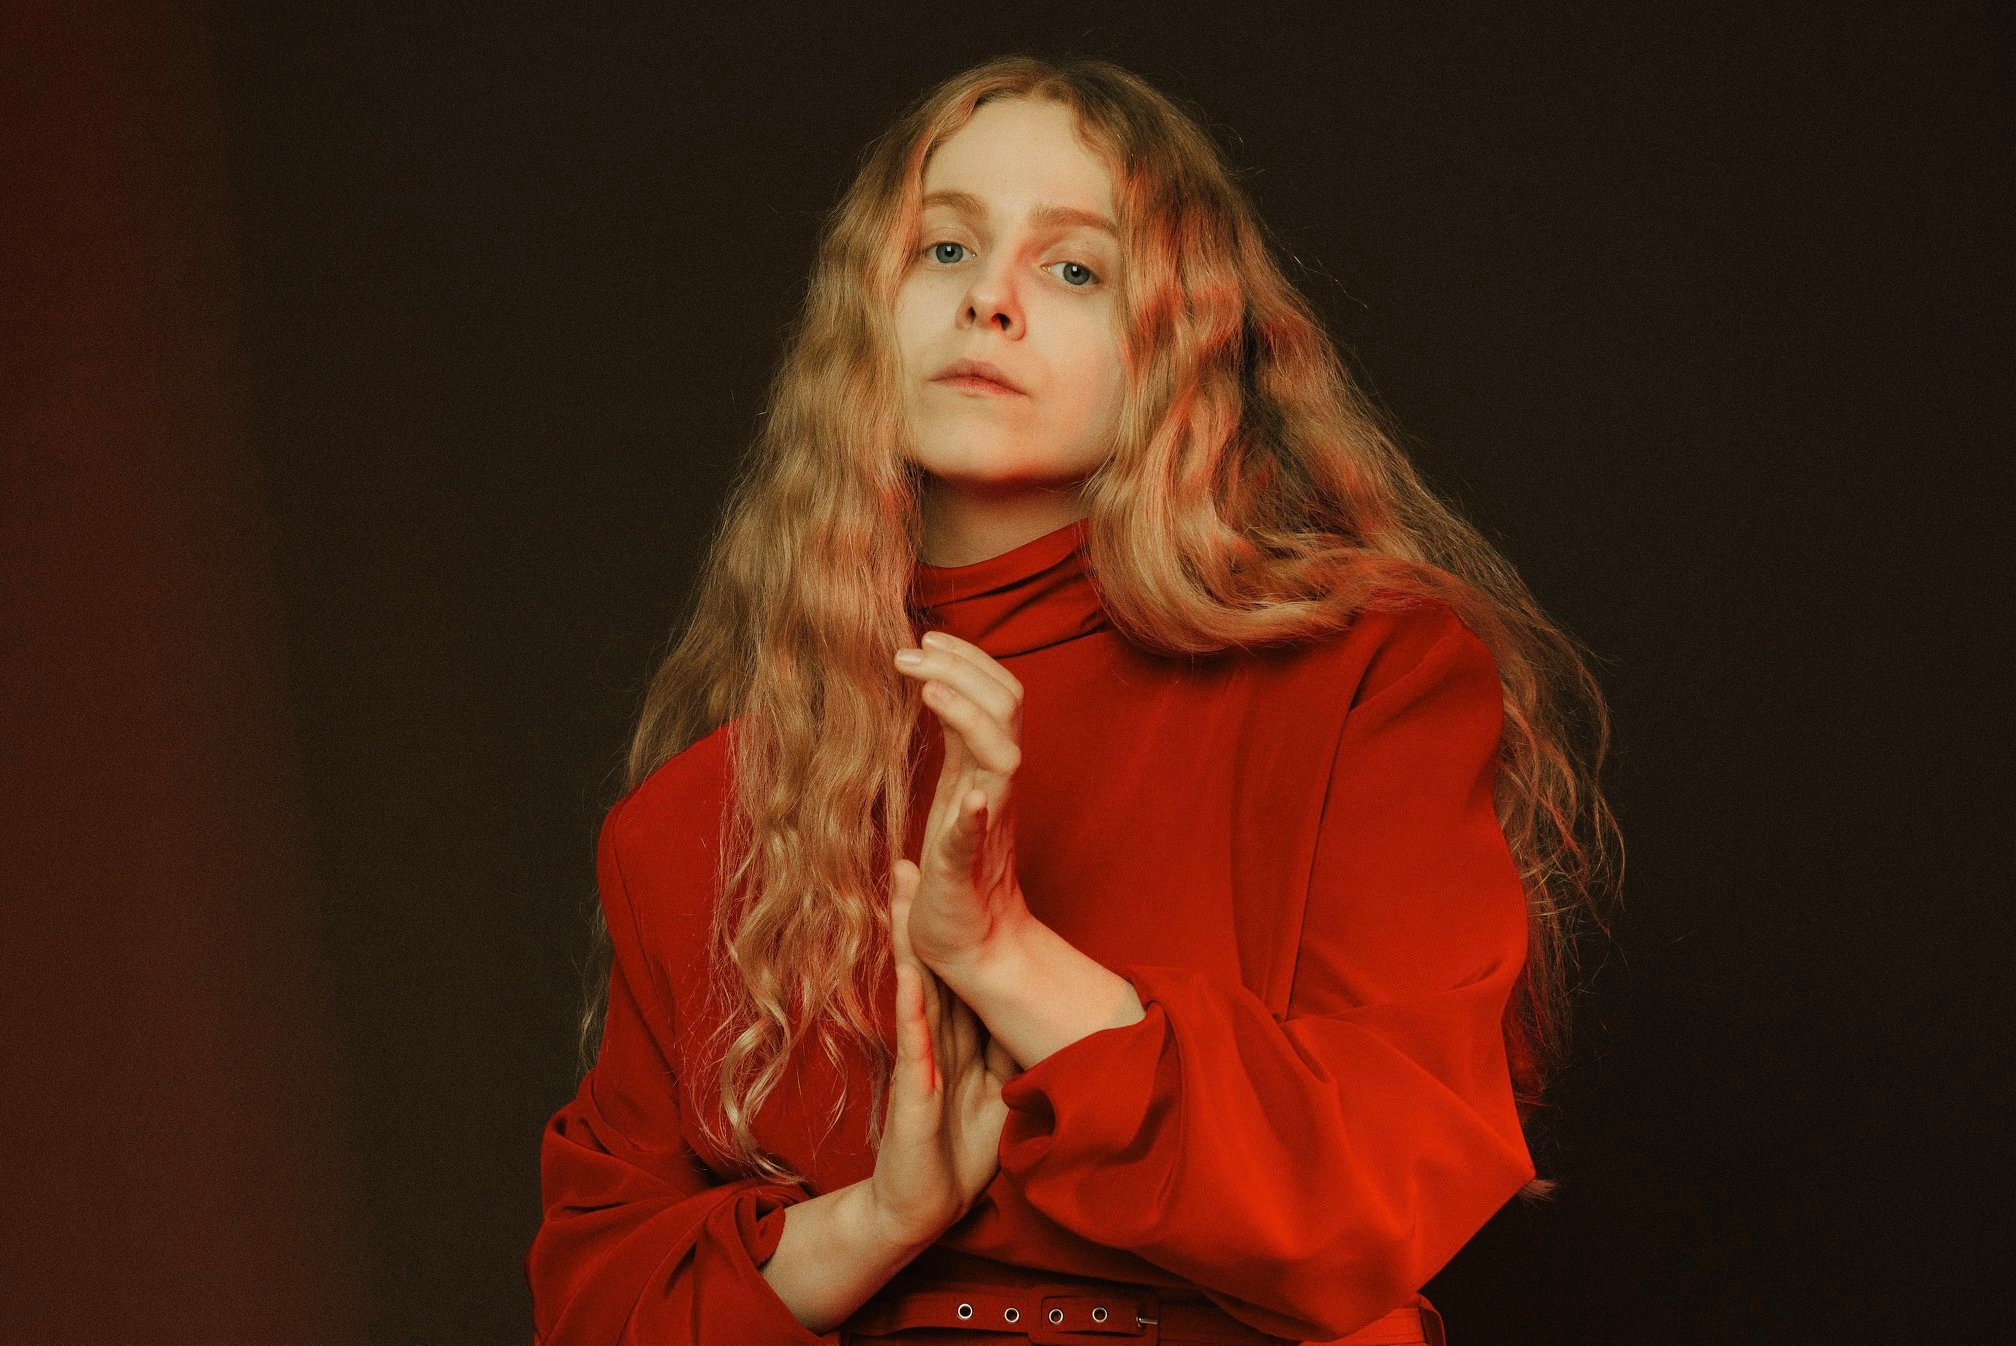 """Die junge Künstlerin Moyka aus Norwegen überrascht auf Ihrer neuen EP """"Spaces"""" mit charismatischem Pop (Foto-Credit Hildur Agustsdottir)"""